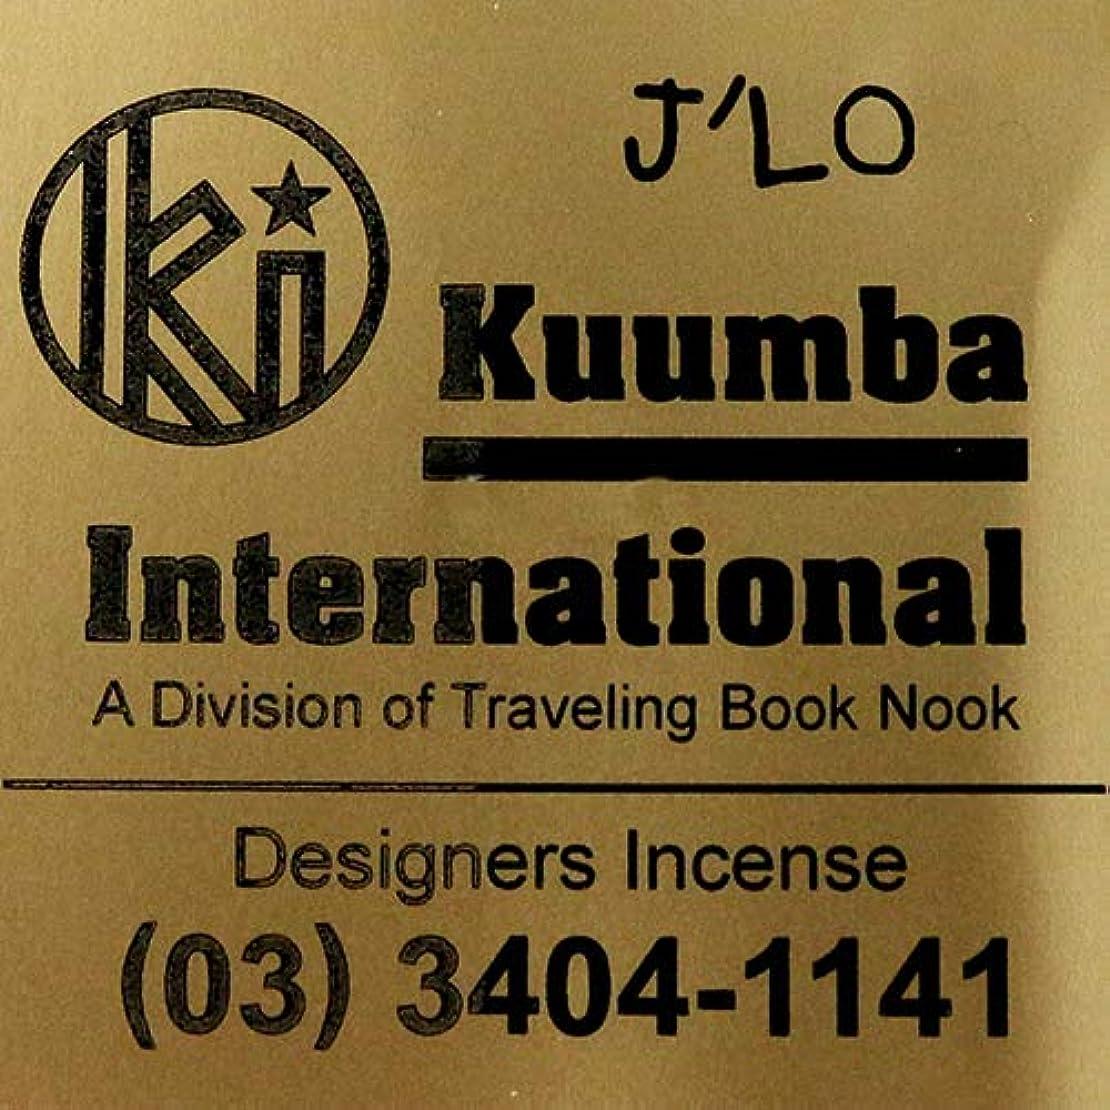 ロースト文法苗(クンバ) KUUMBA『incense』(J'LO) (J'LO, Regular size)